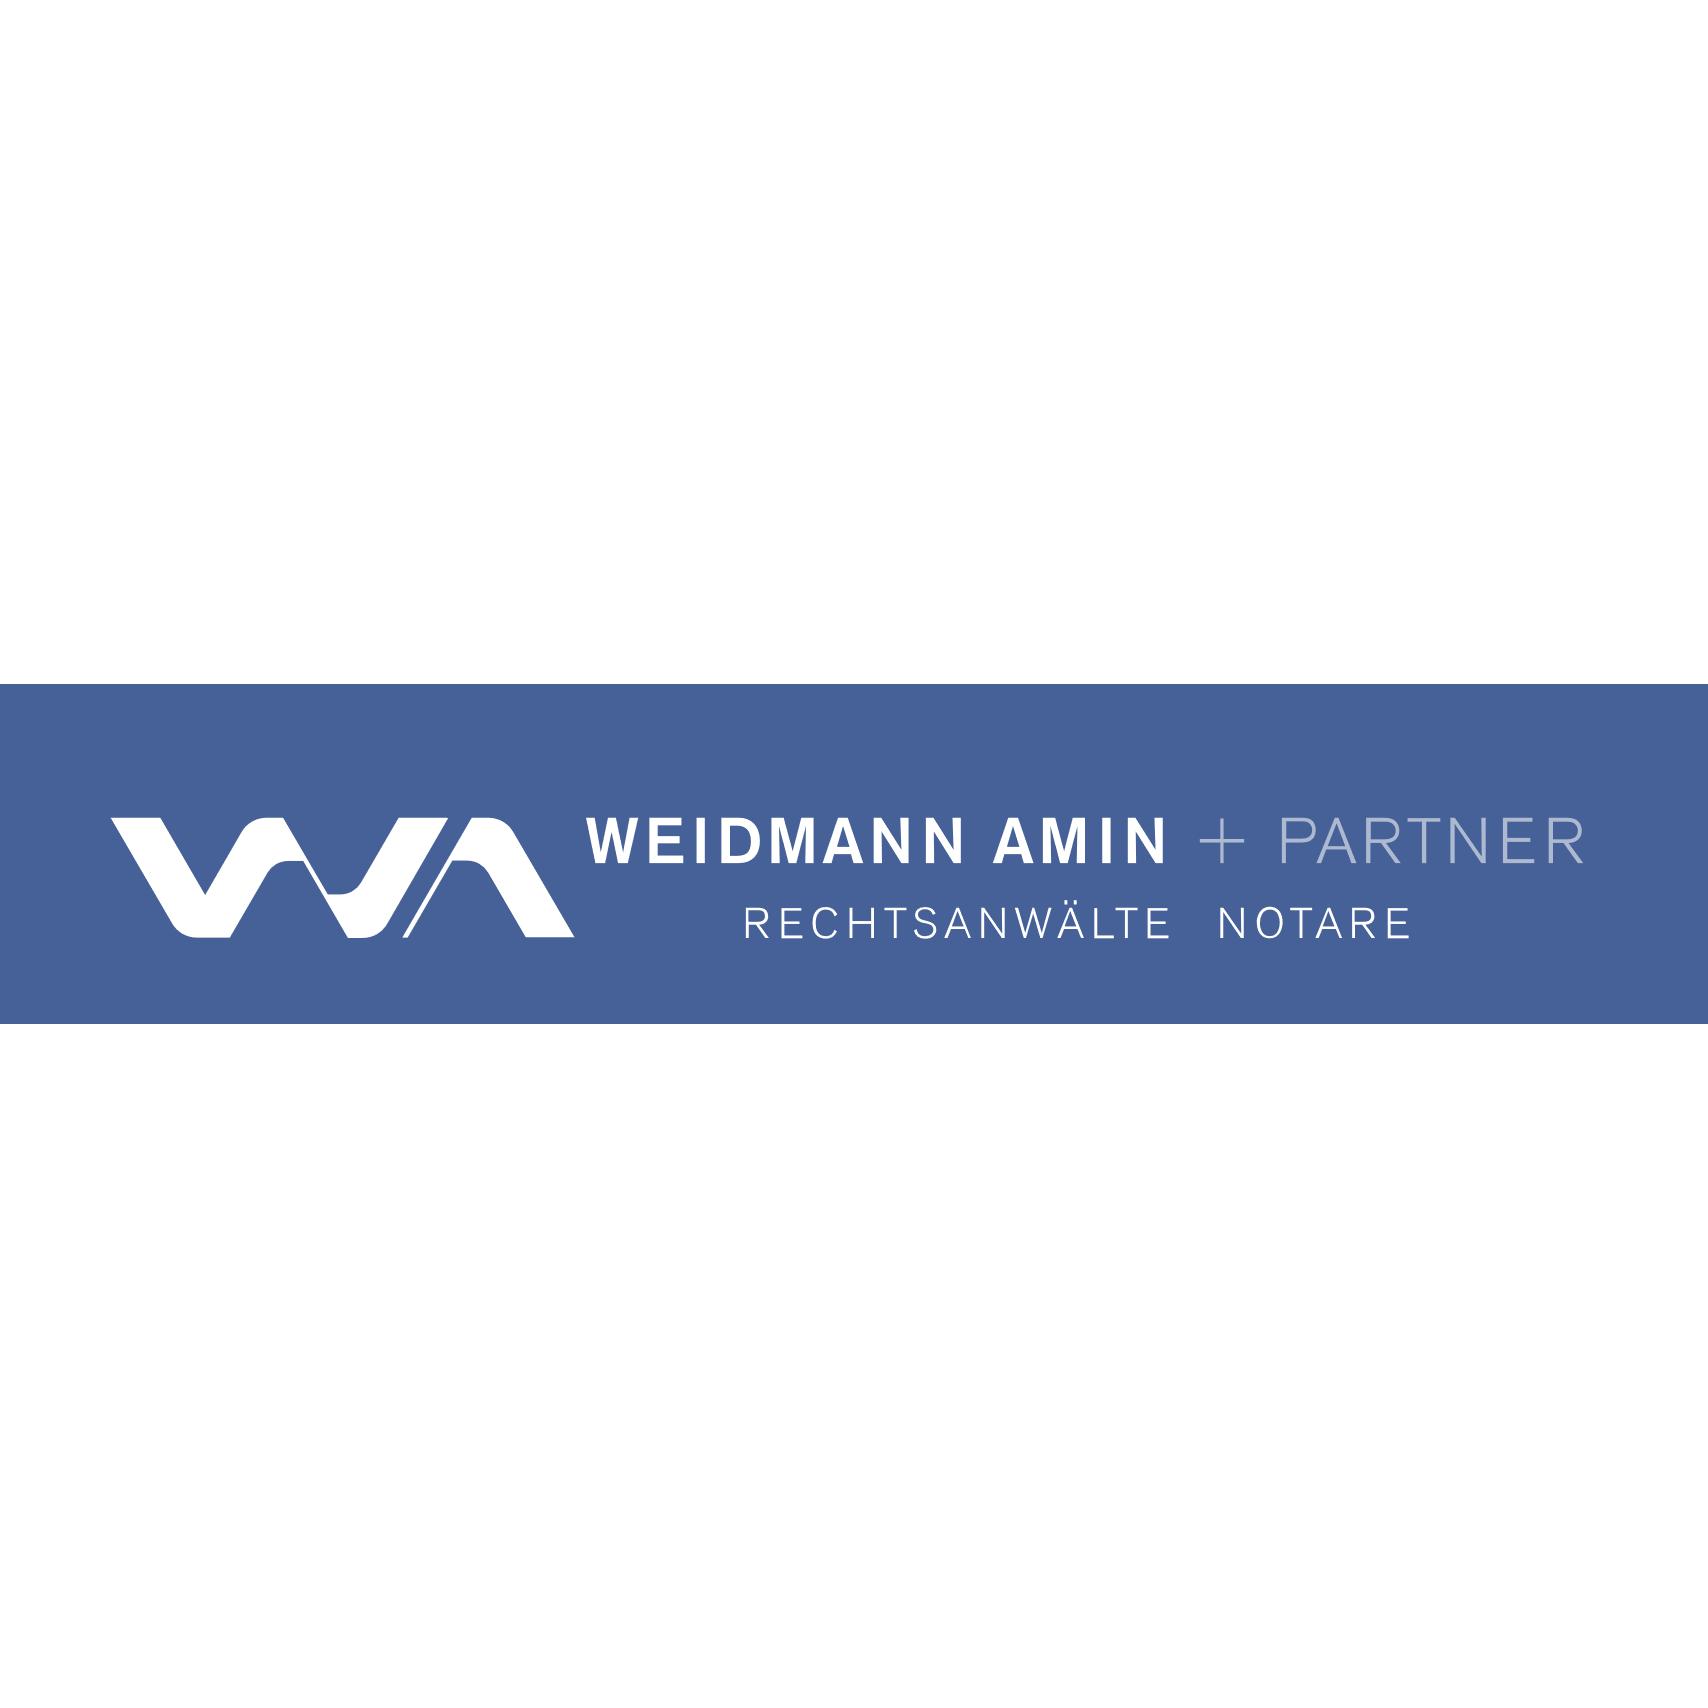 WEIDMANN AMIN & PARTNER